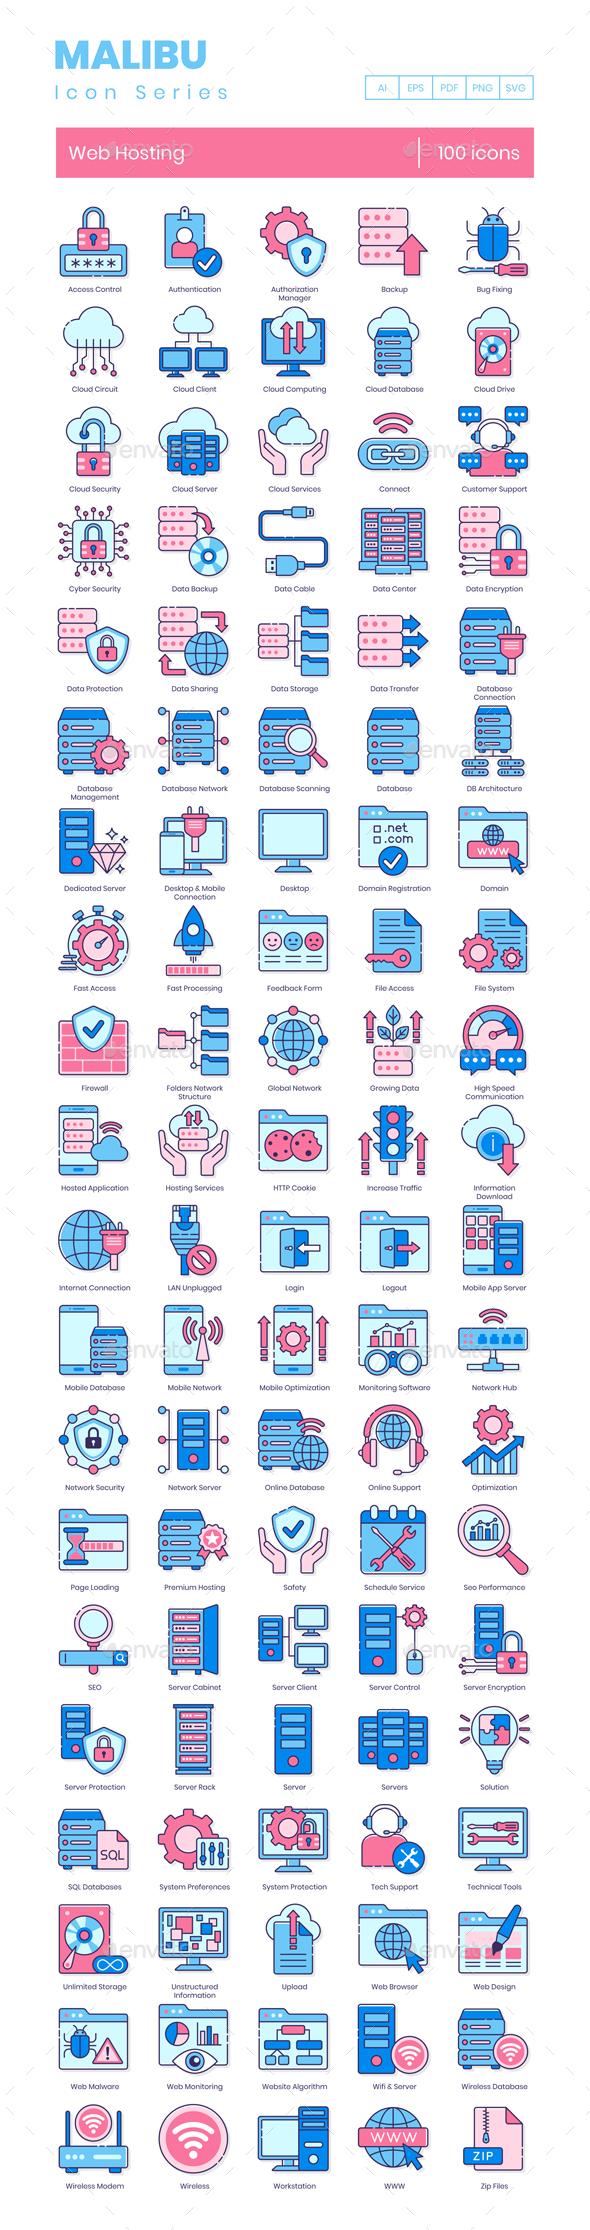 100 Web Hosting Icons - Malibu Series